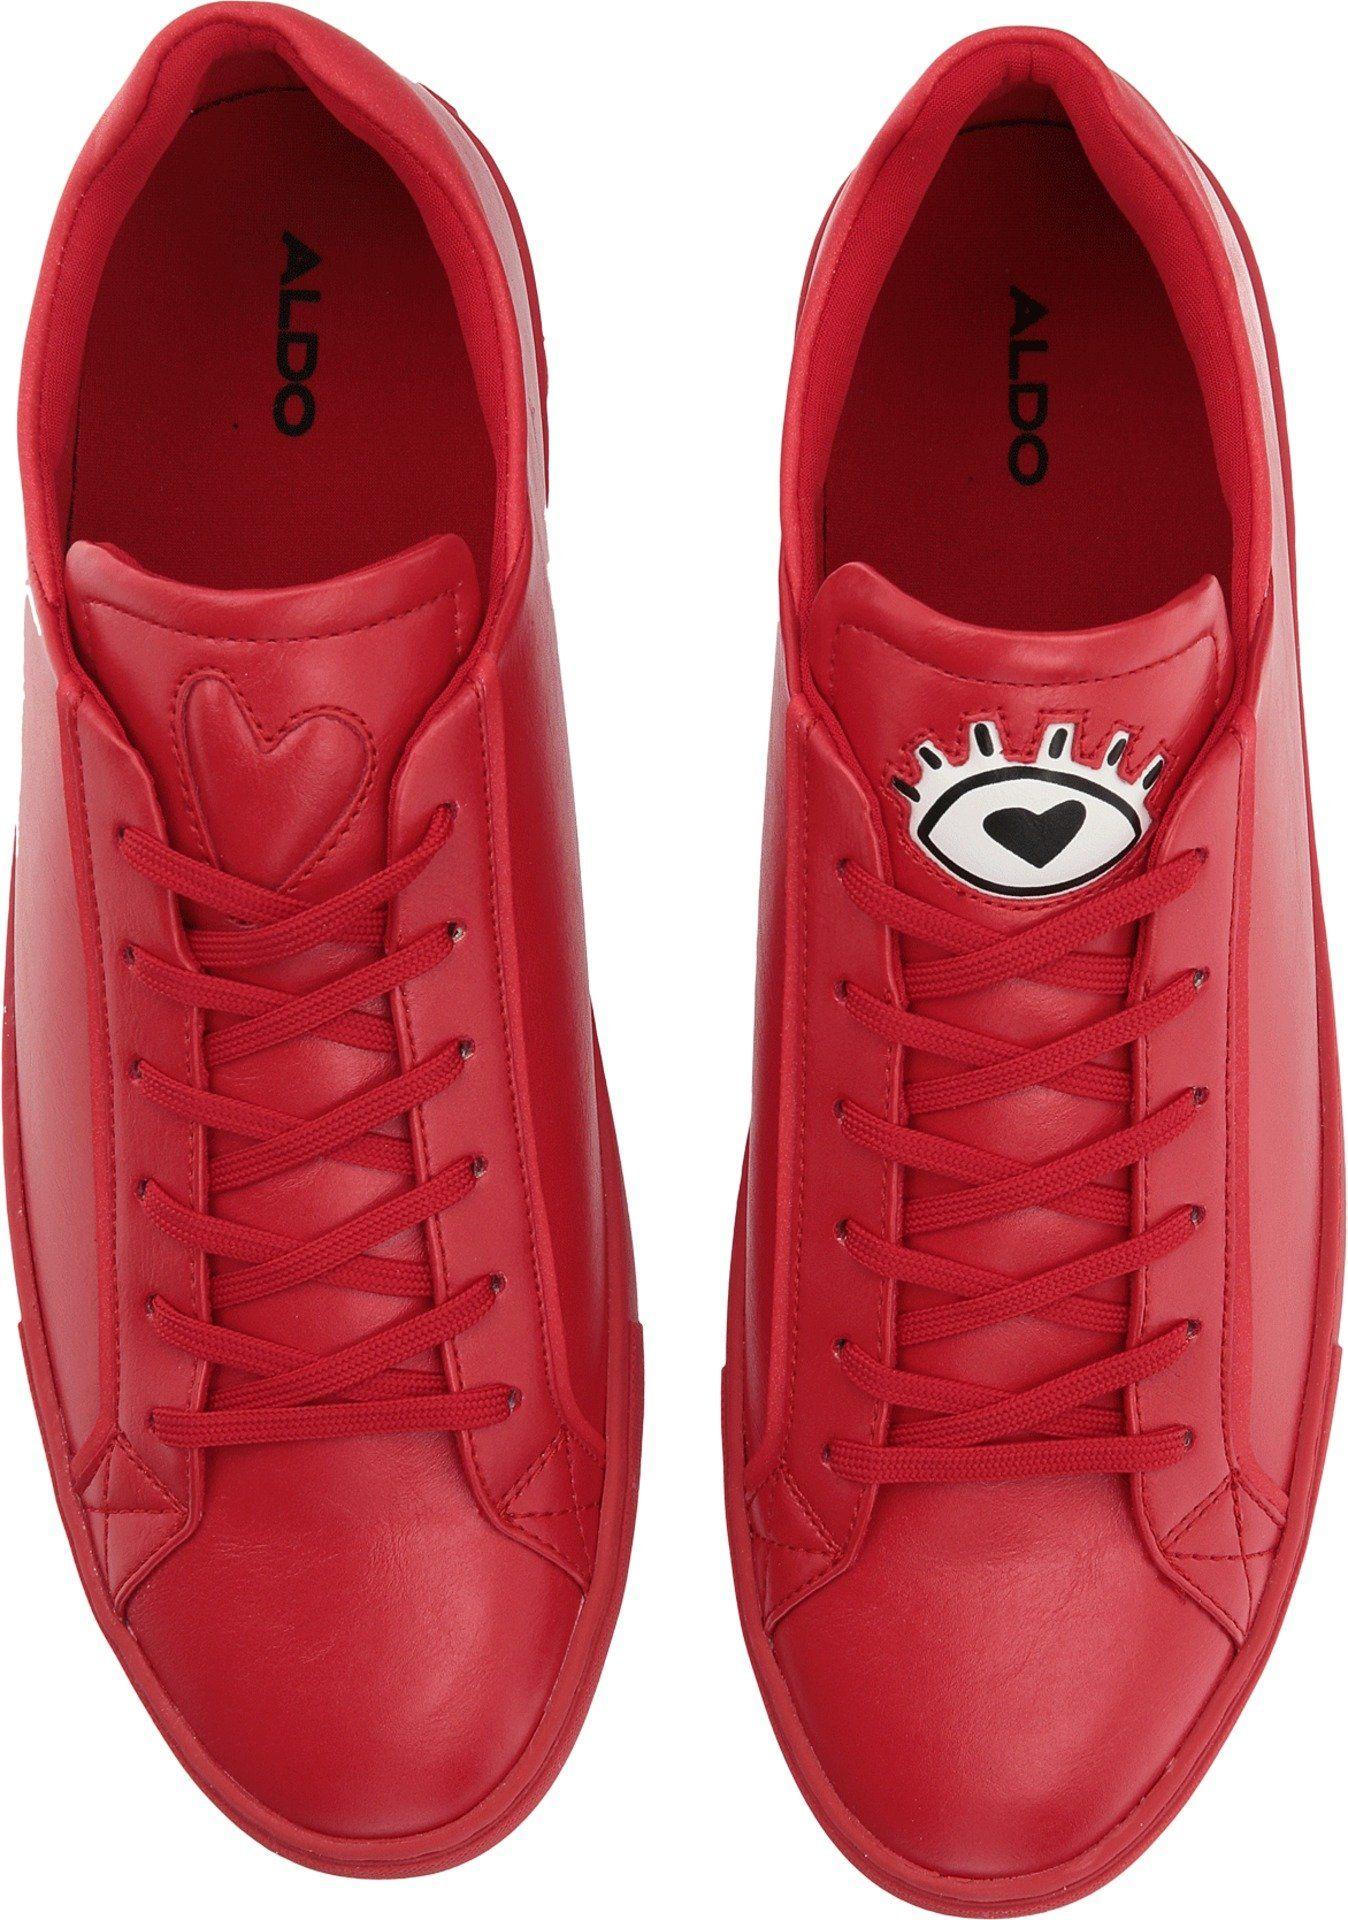 Sneakers men, Aldo shoes, Shoes mens